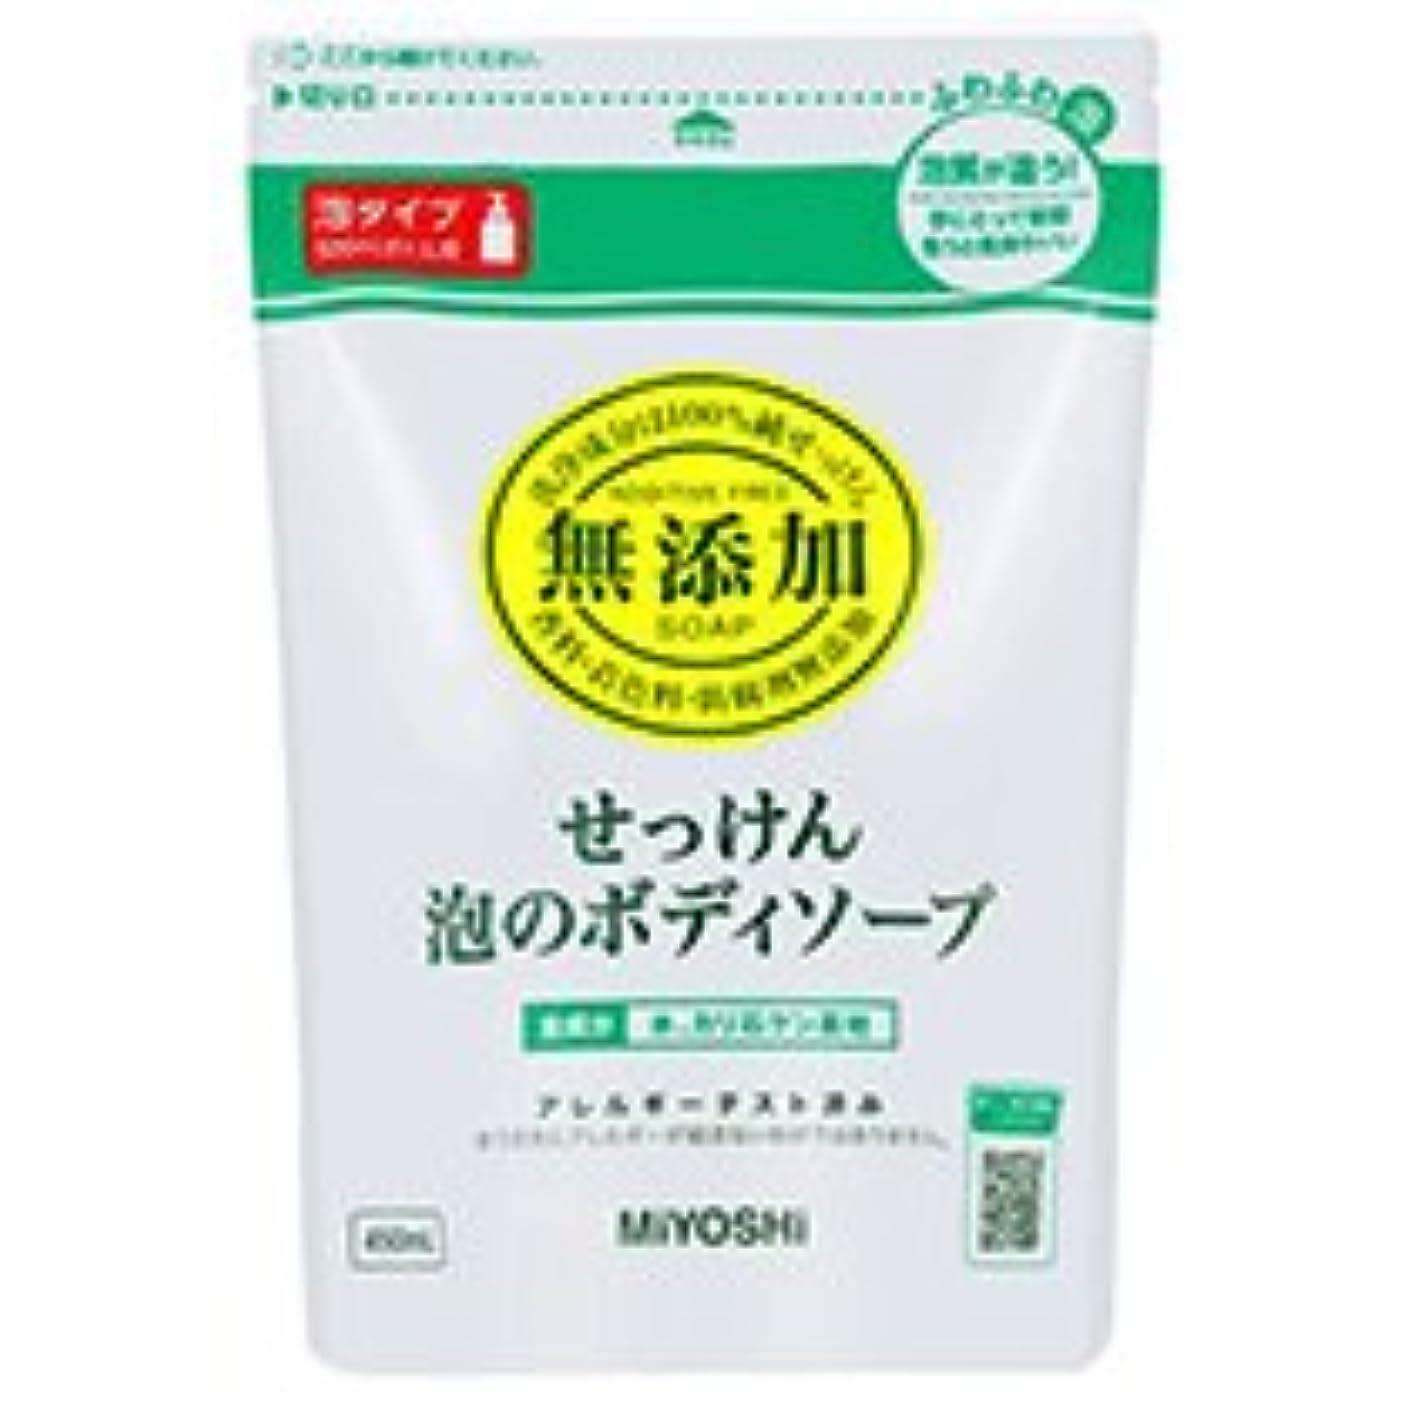 暗黙ストリームアスリートミヨシ石鹸 無添加せっけん 泡のボディソープ 詰替用 450ml 1個